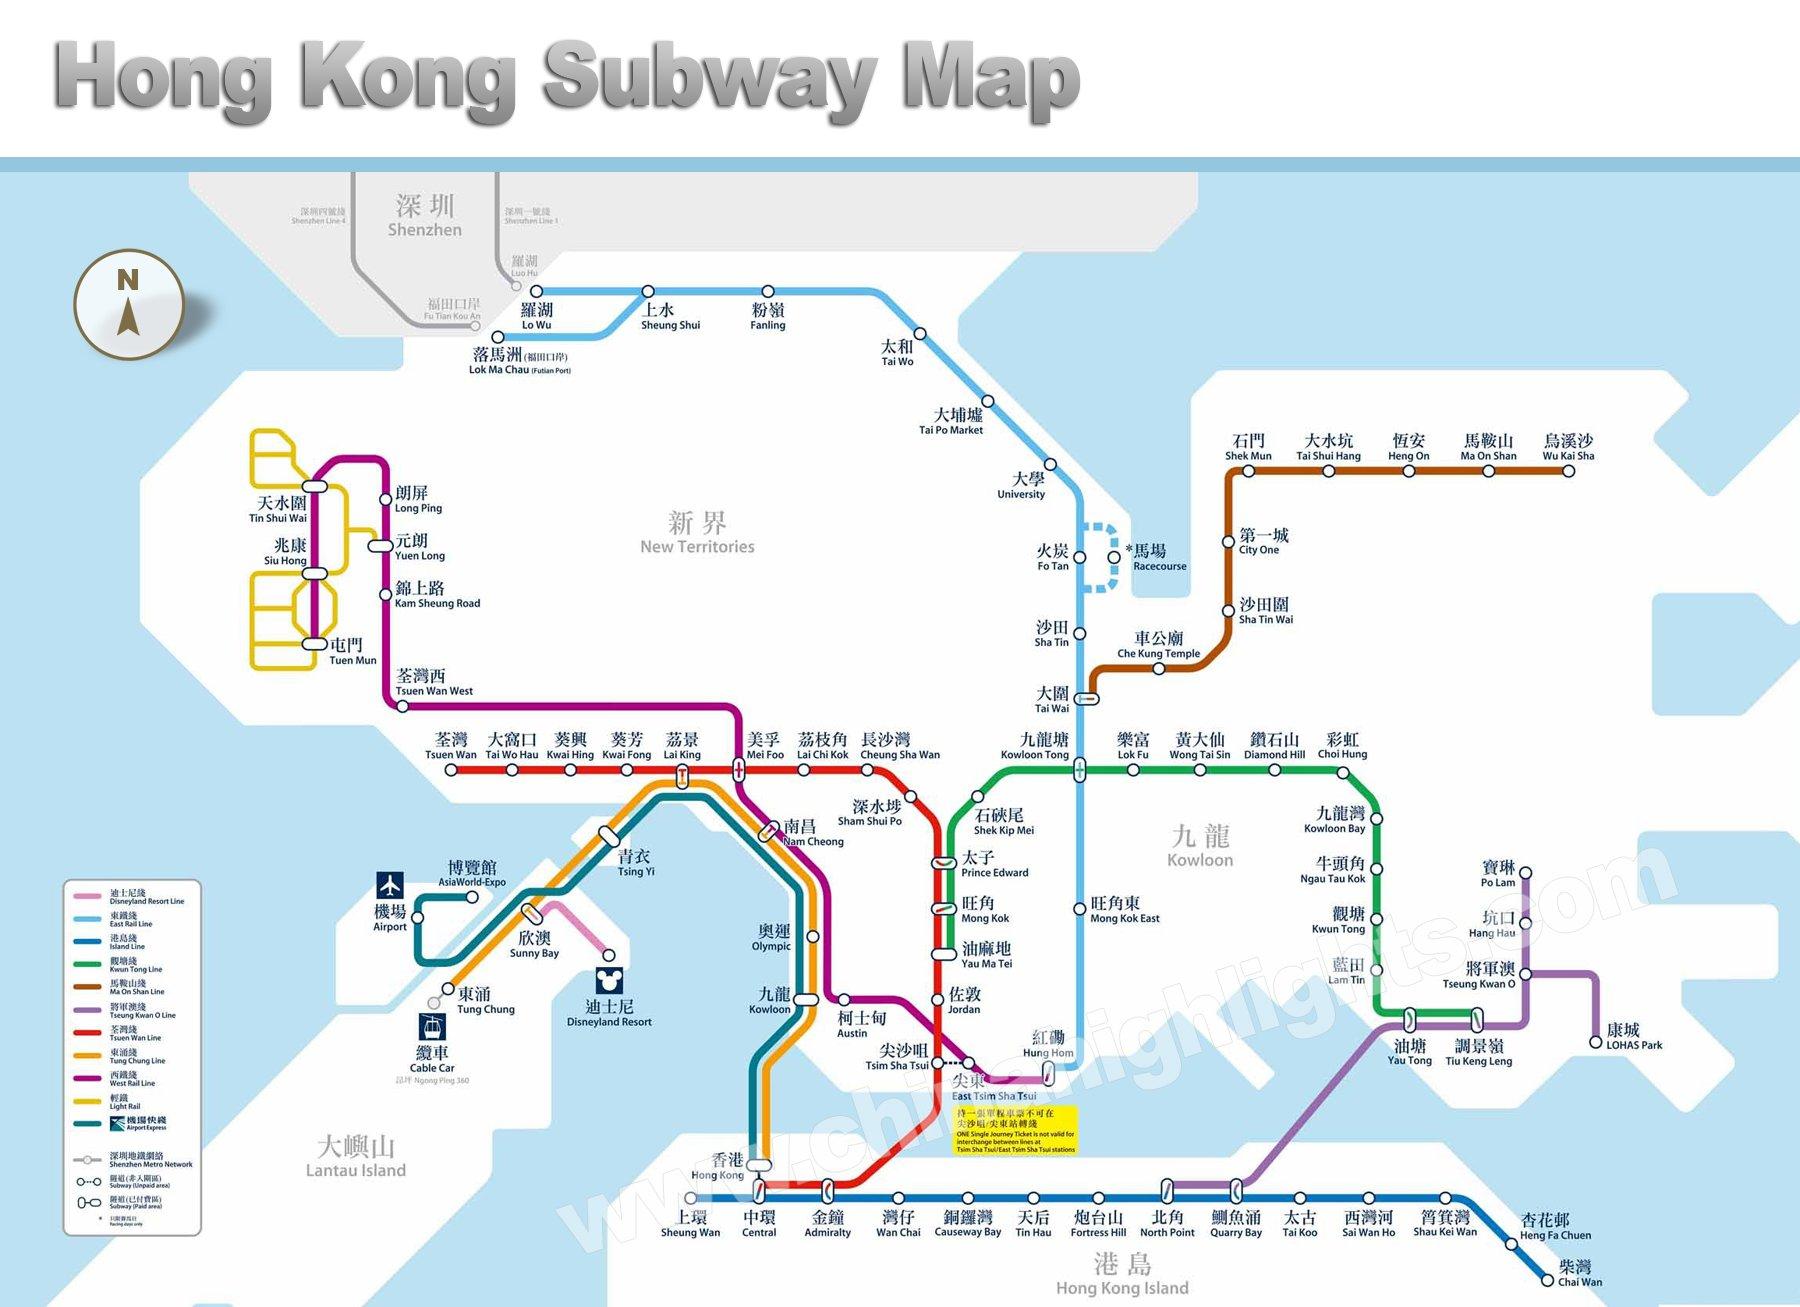 Touring Hong Kong by Subway and Tram Three Good Routes